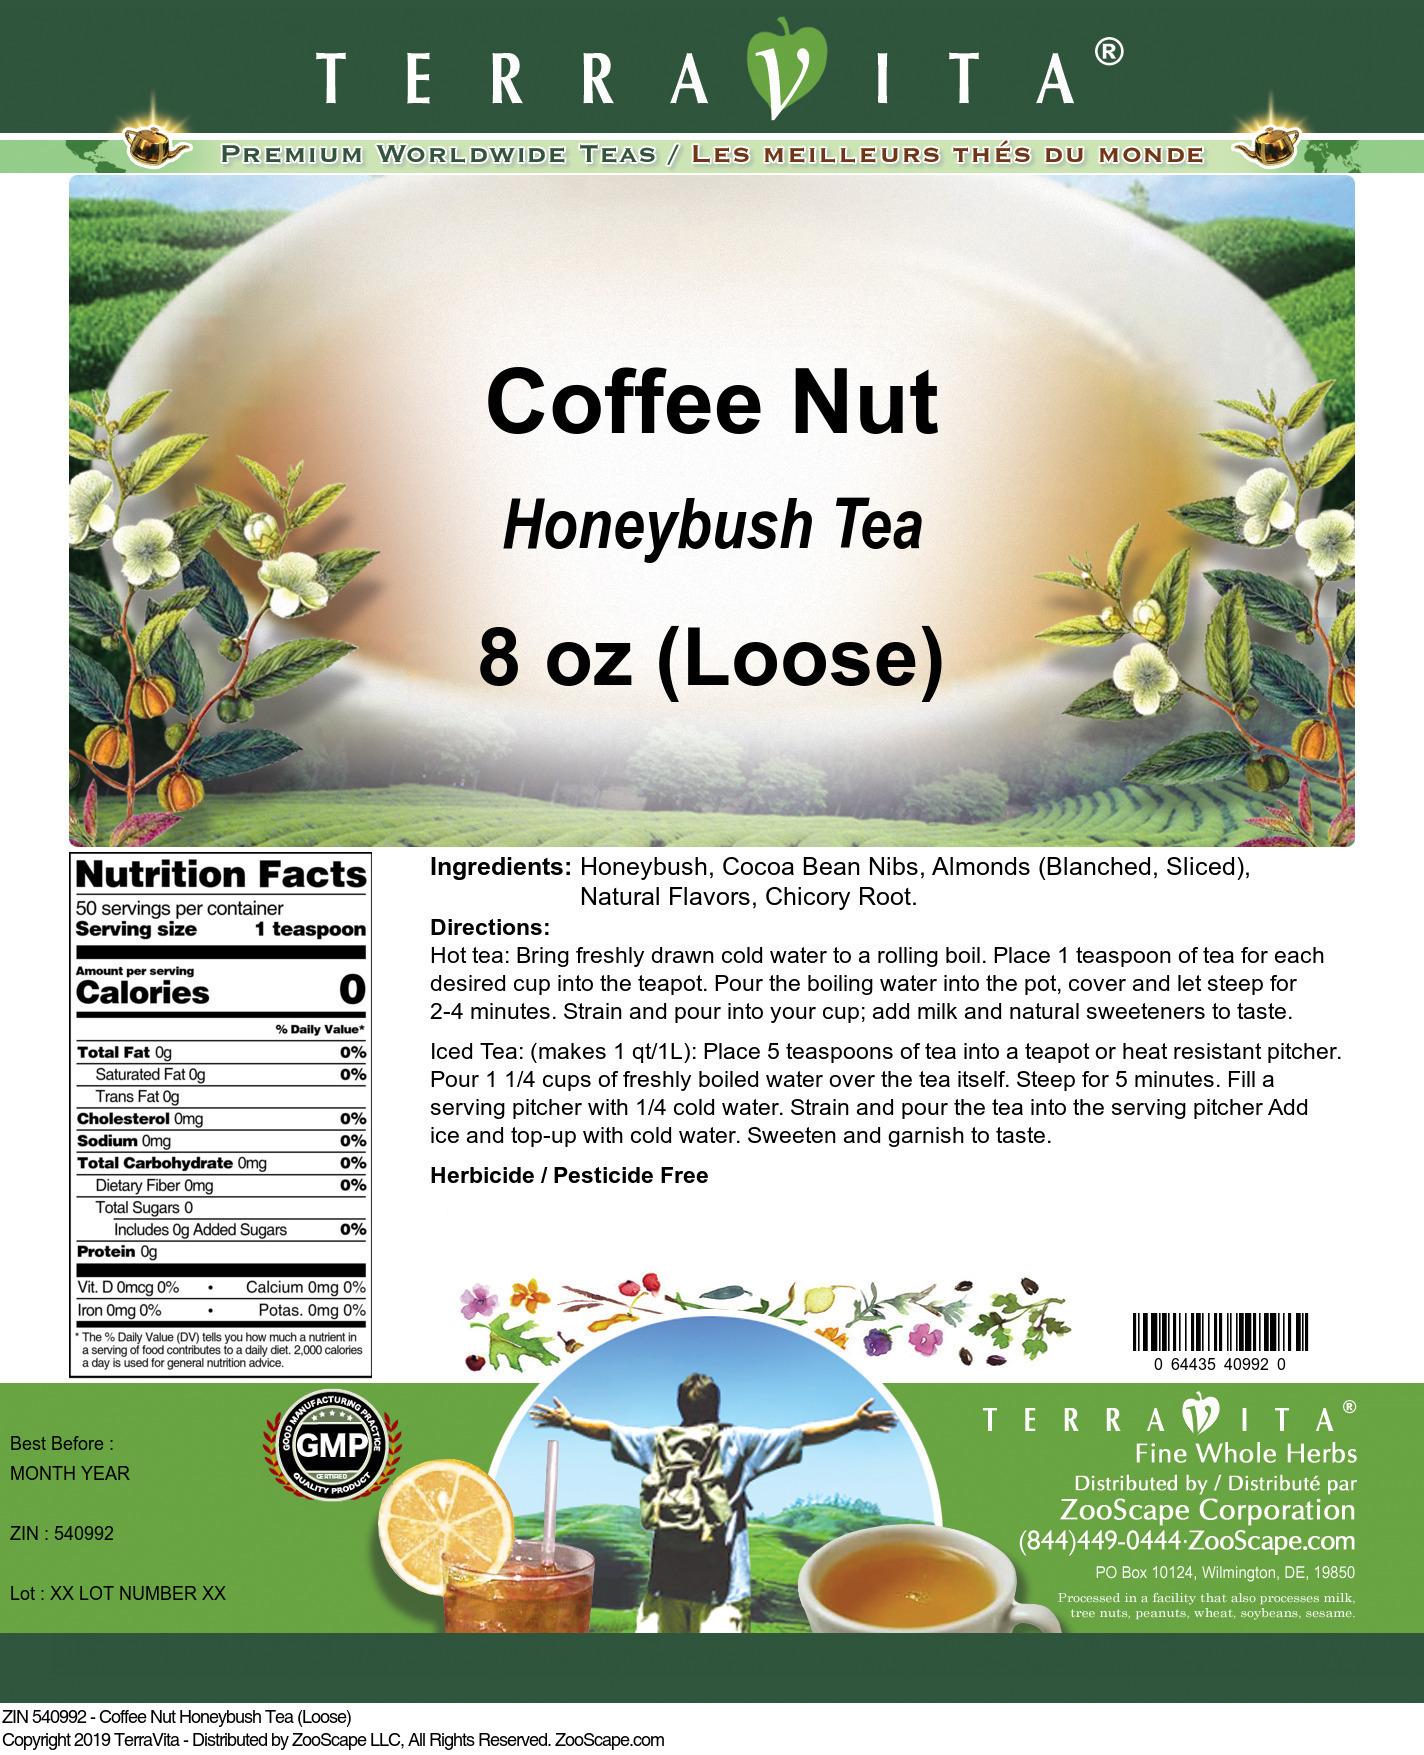 Coffee Nut Honeybush Tea (Loose)